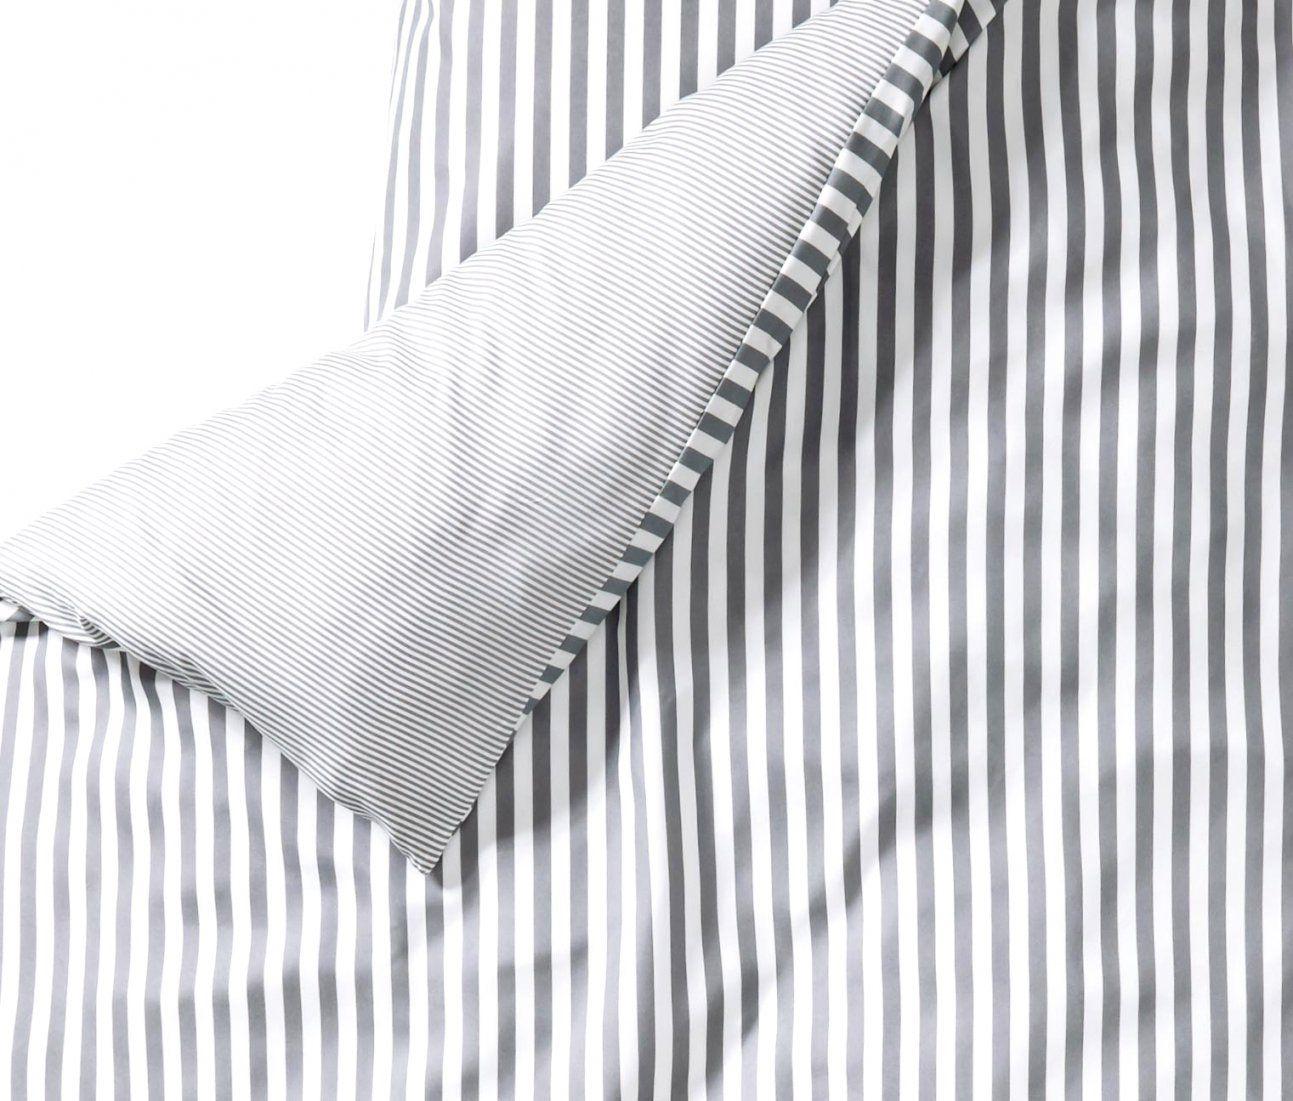 Bezaubernde Ideen Gestreifte Bettwäsche Und Günstige Microfaser Grau von Schwarz Weiß Gestreifte Bettwäsche Bild